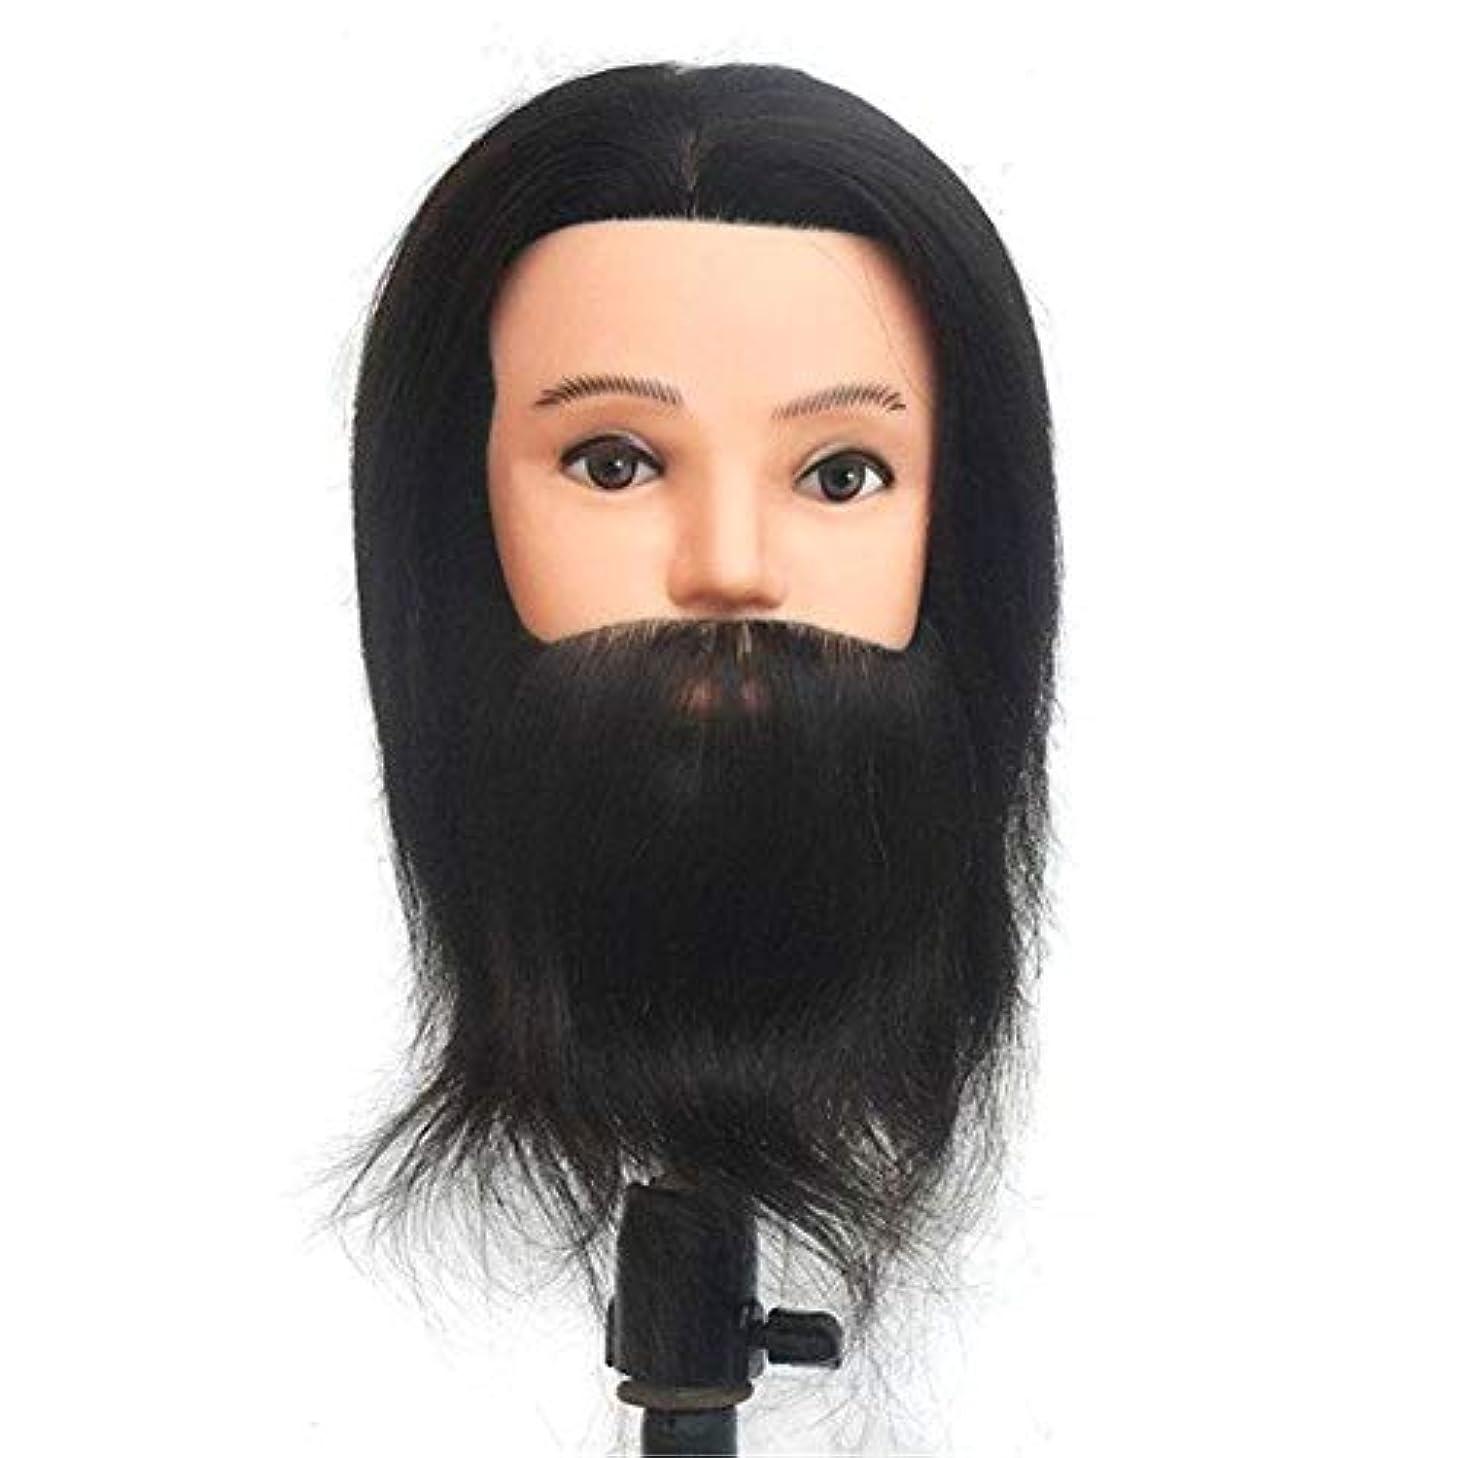 書道もう一度過半数リアル人間の髪トレーニングヘッドパーマ髪モデル髪染め理髪ダミーヘッドトリミングひげ学習ヘッドモデル